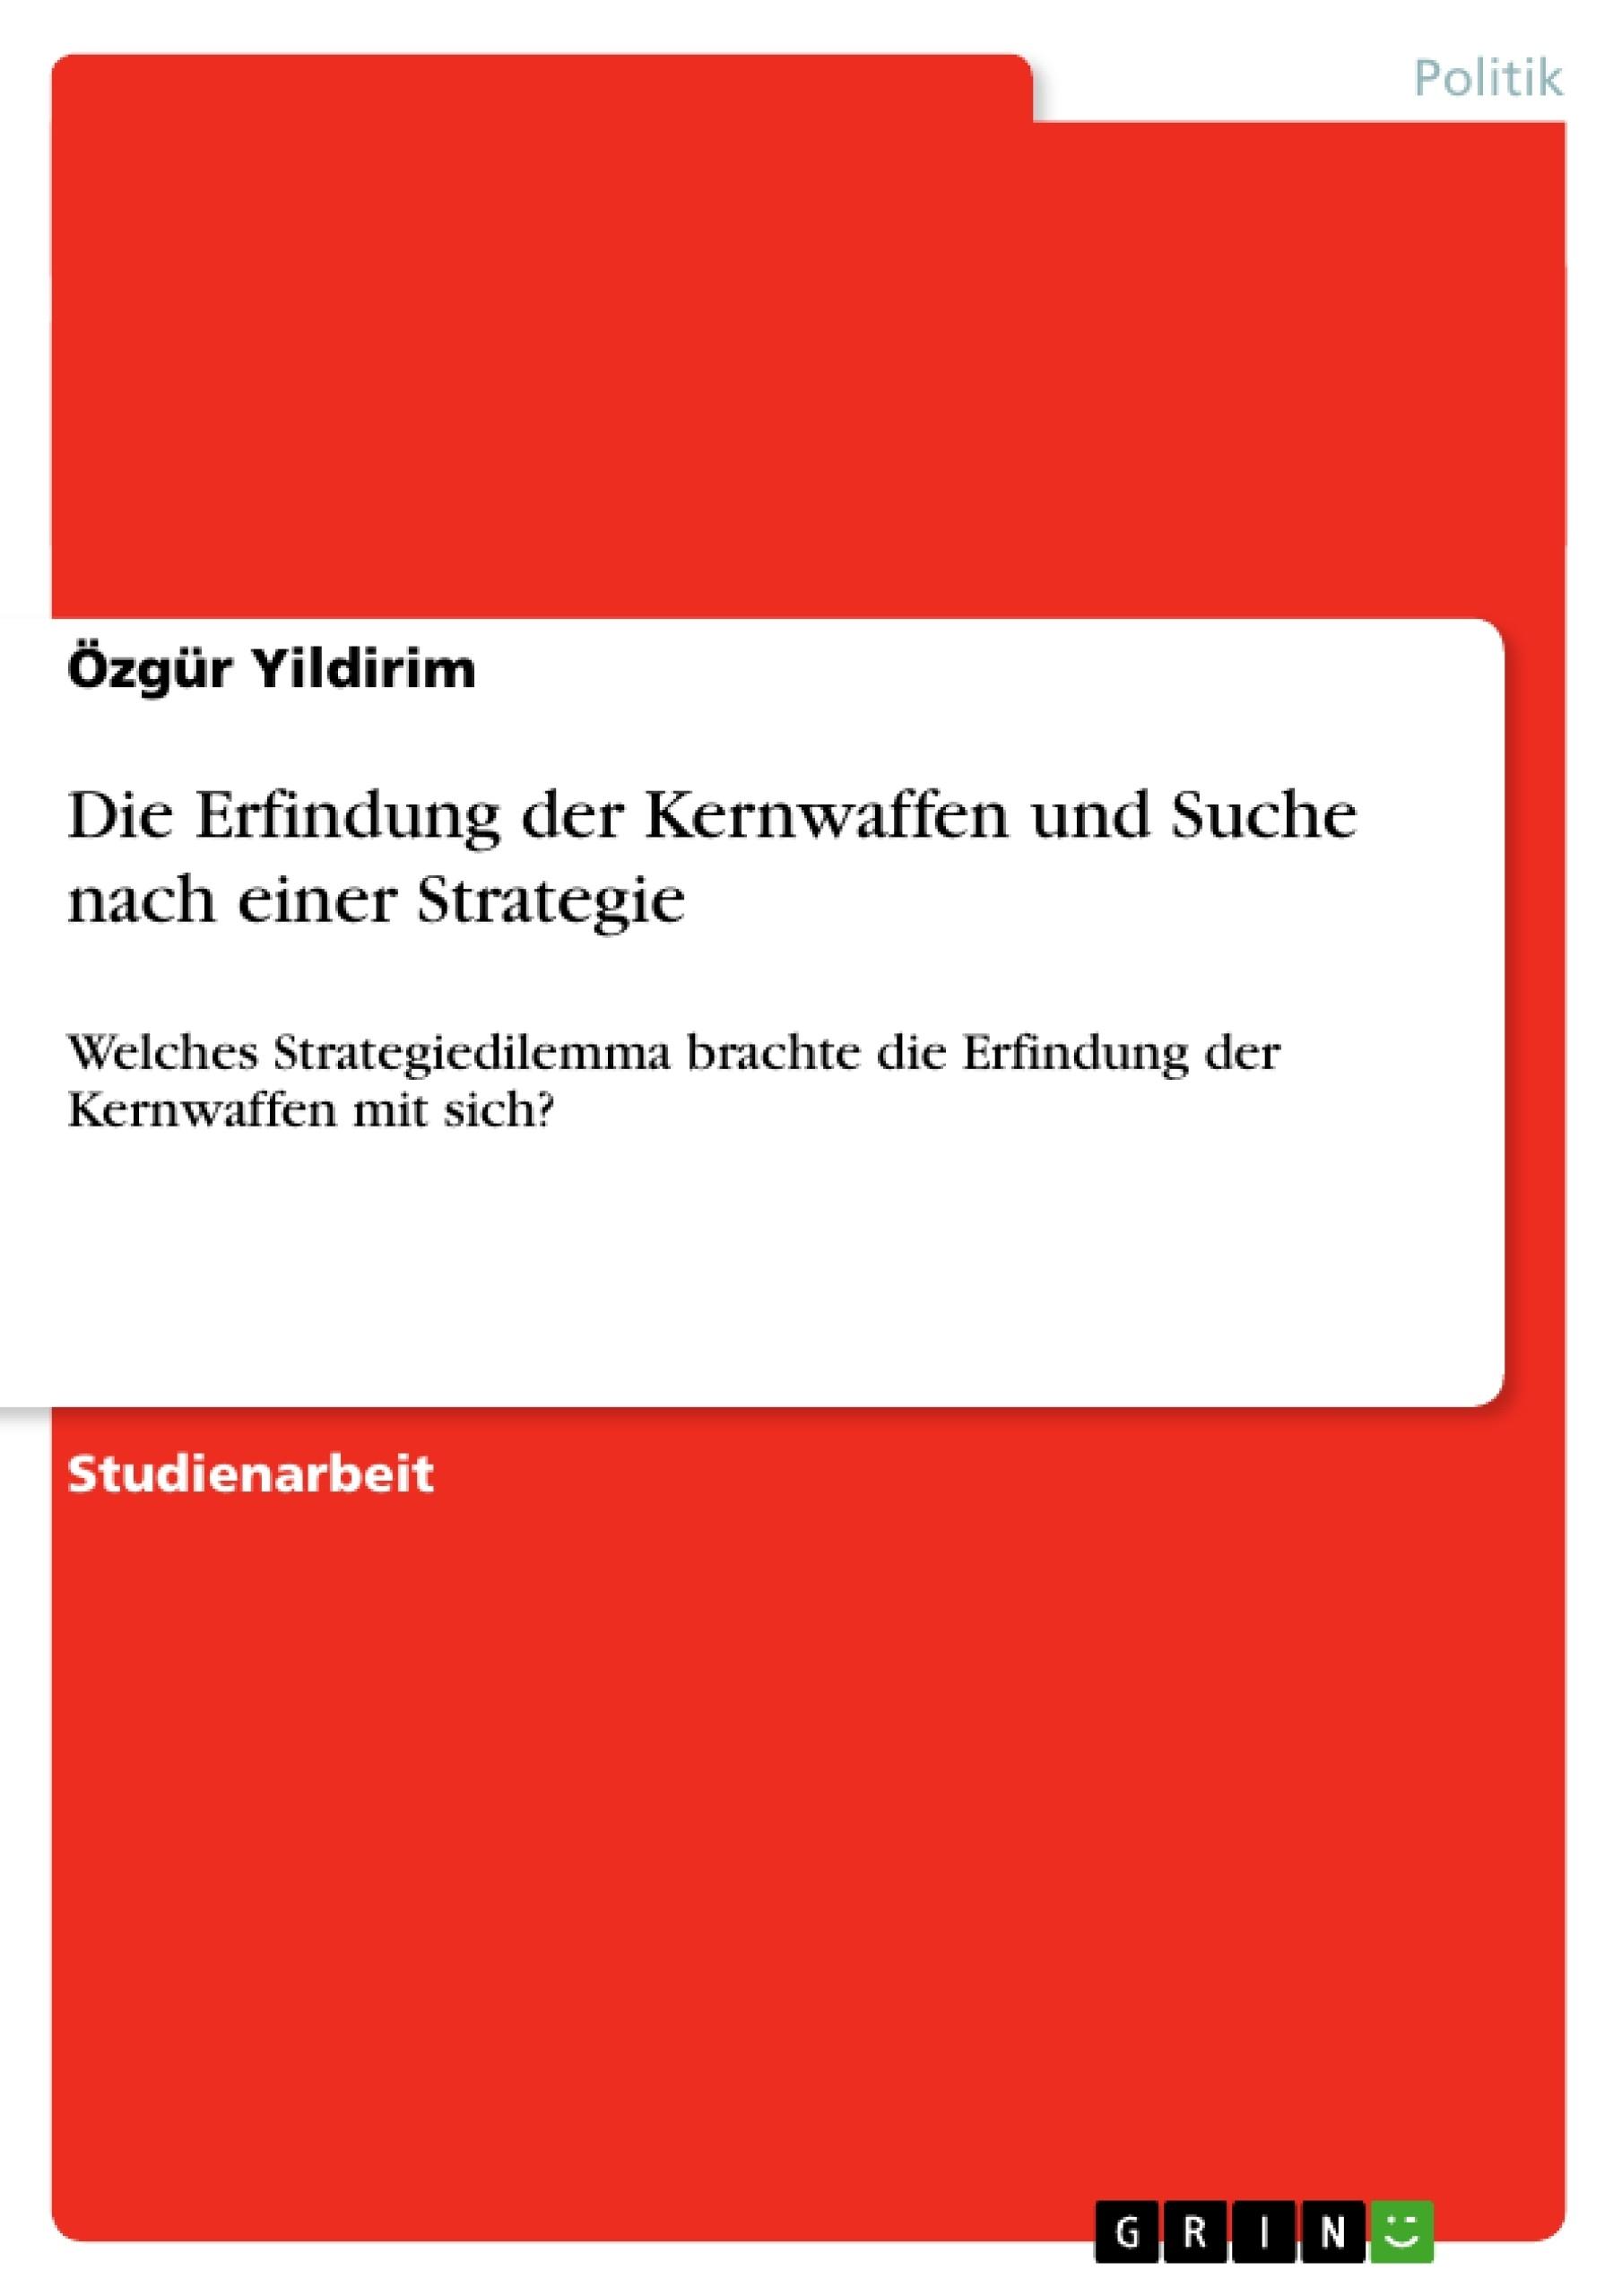 Titel: Die Erfindung der Kernwaffen und Suche nach einer Strategie